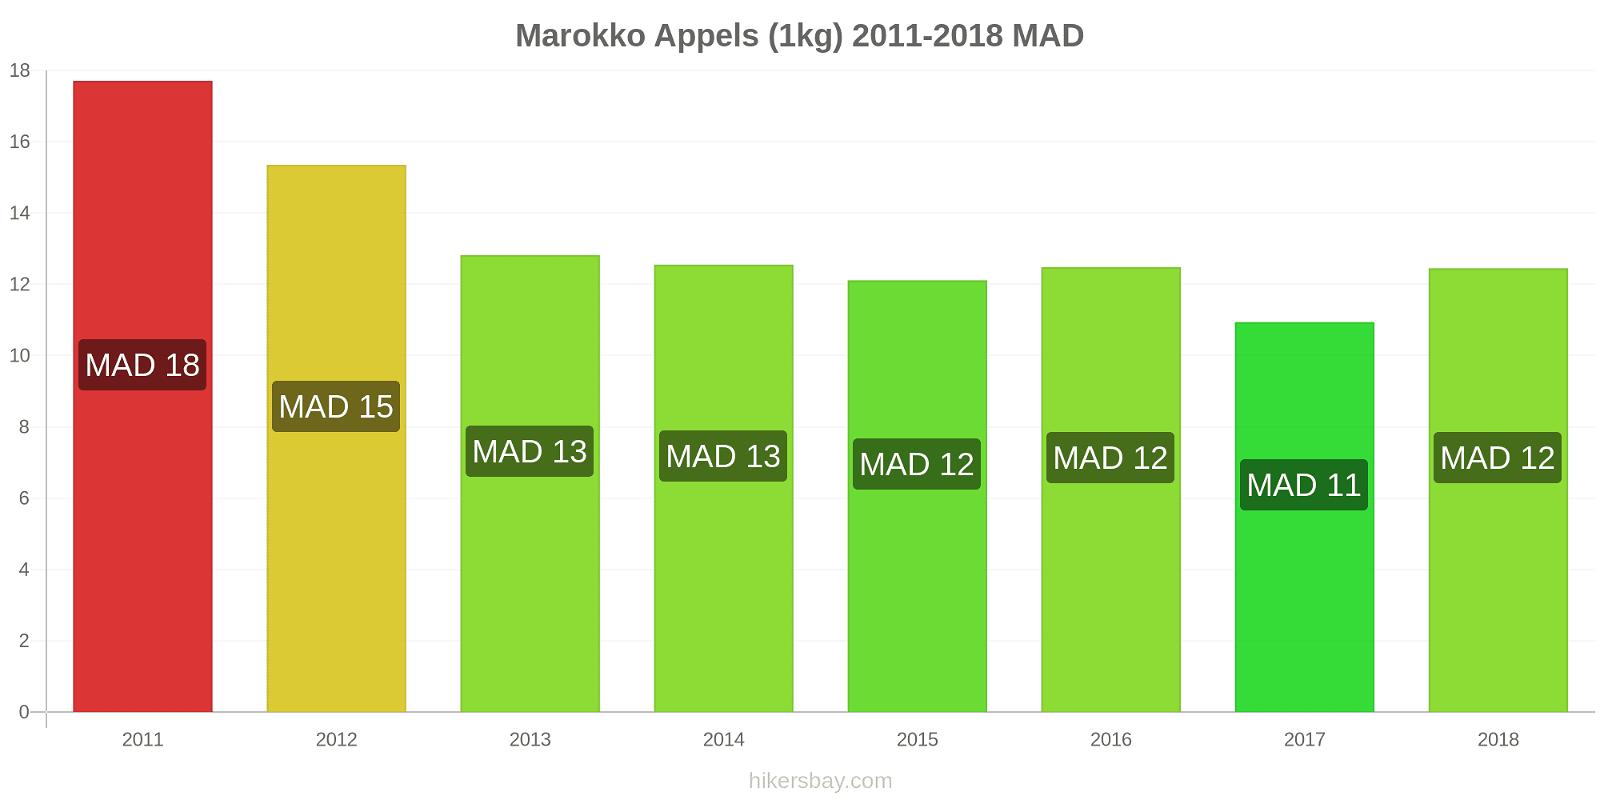 Marokko prijswijzigingen Appels (1kg) hikersbay.com